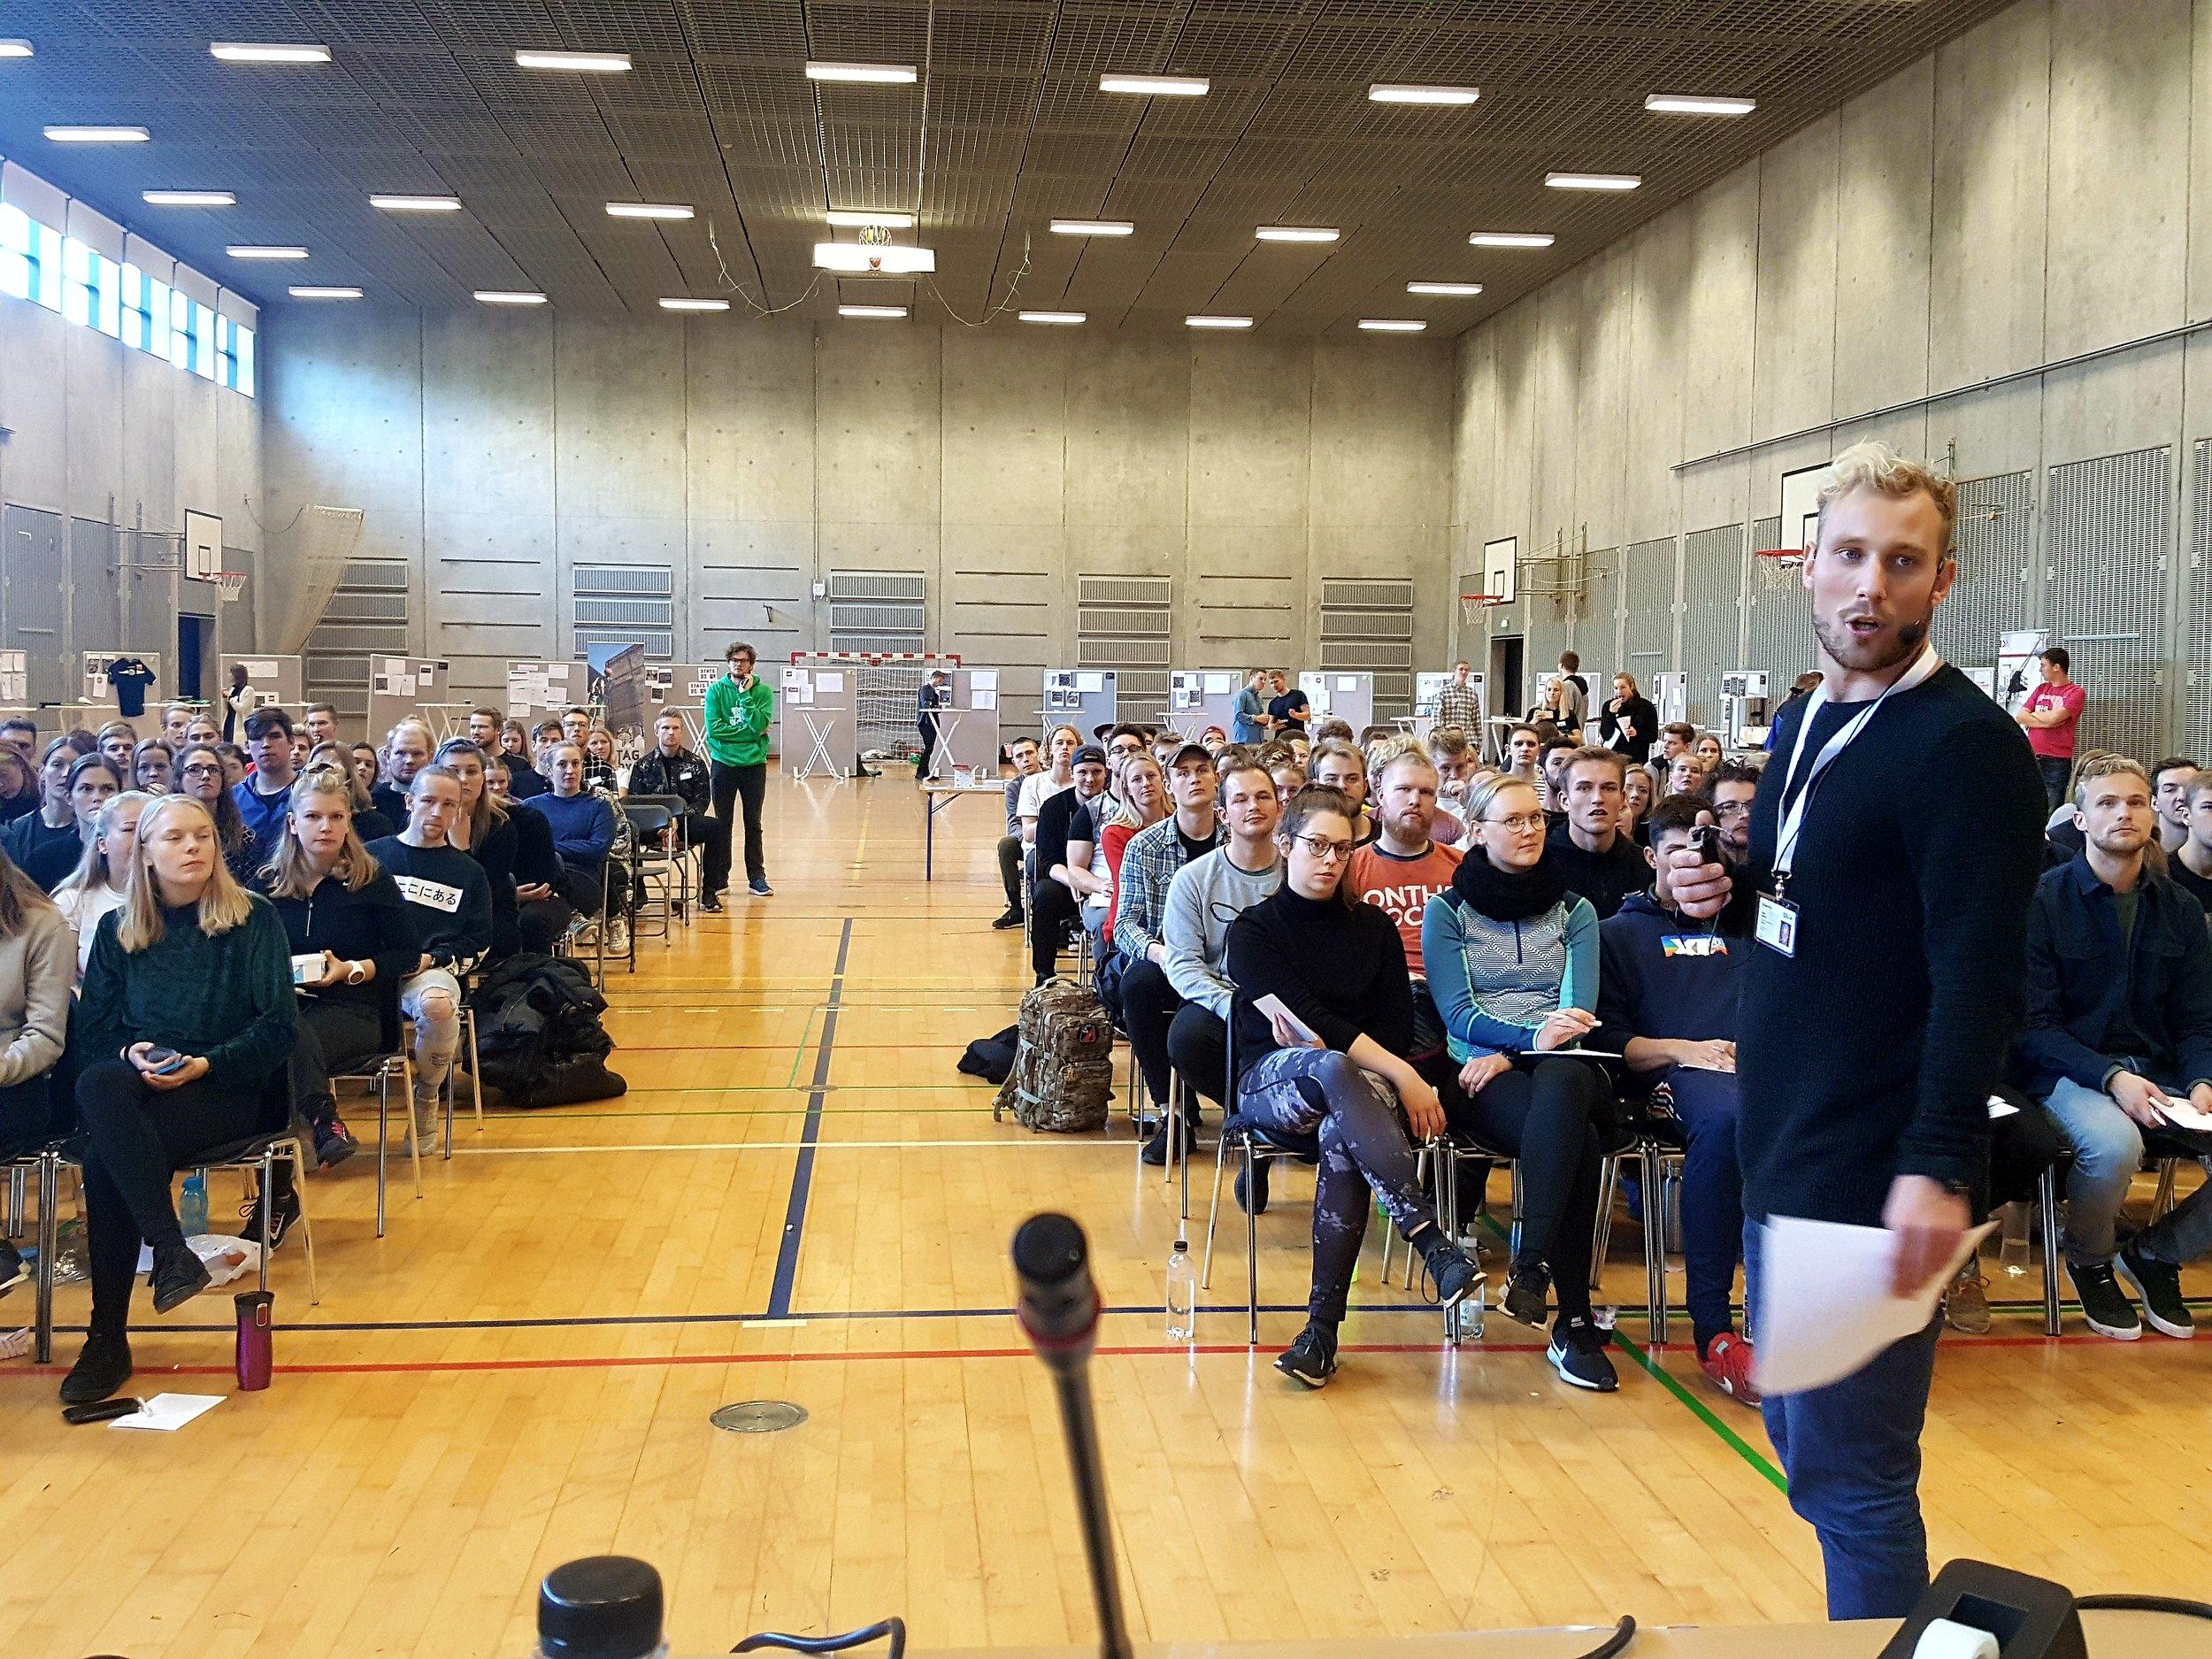 Karrieredag på Idræt og Biomekanik, Syddansk Universitet, 21. november 2018